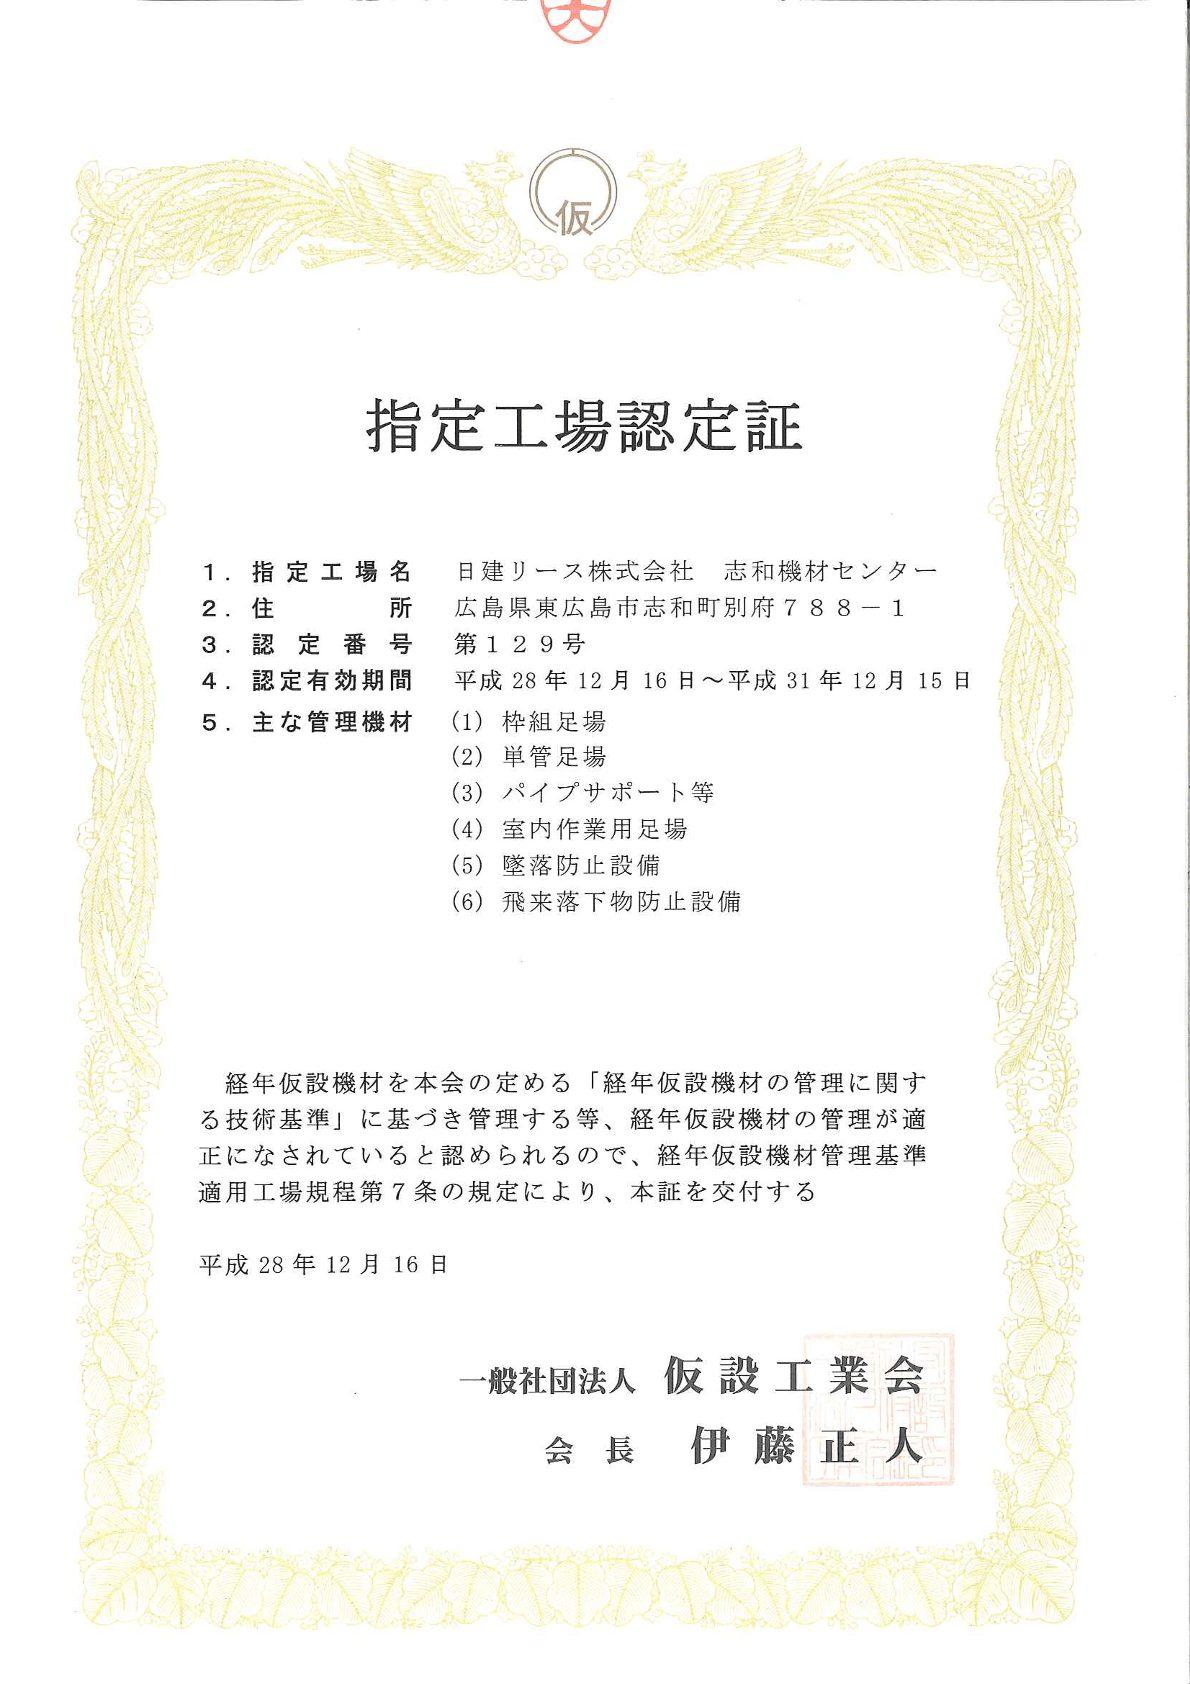 指定工場認定証(31.12.15)